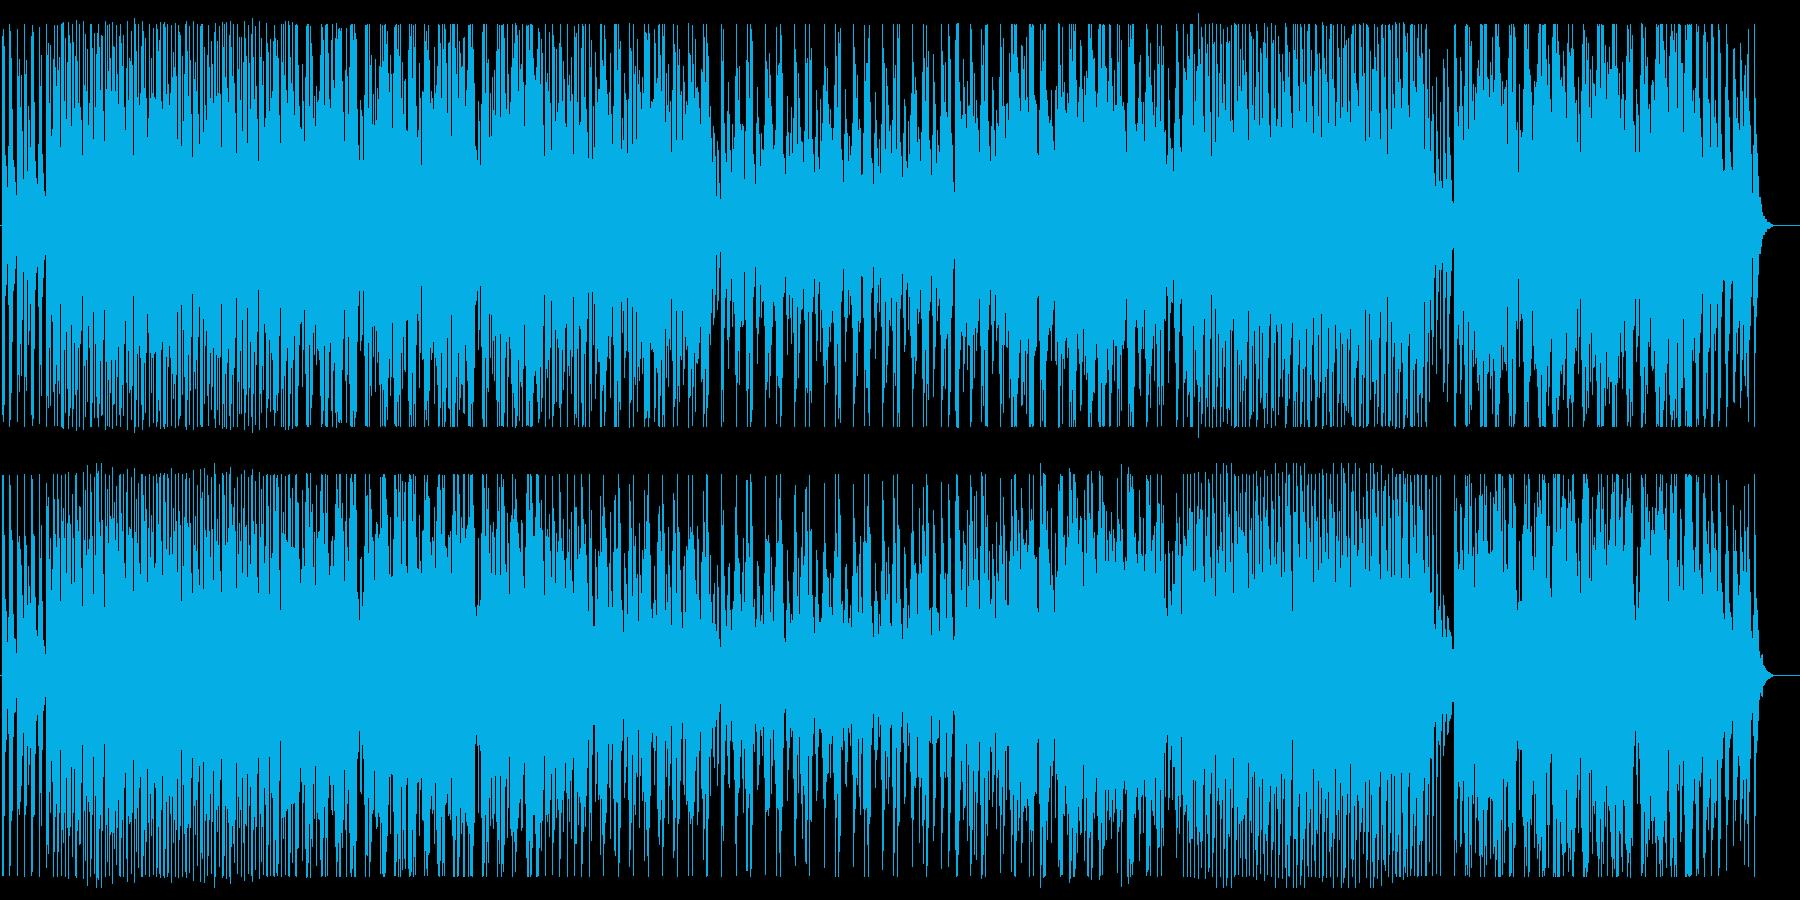 リズミカルな和風の弦管楽器サウンドの再生済みの波形